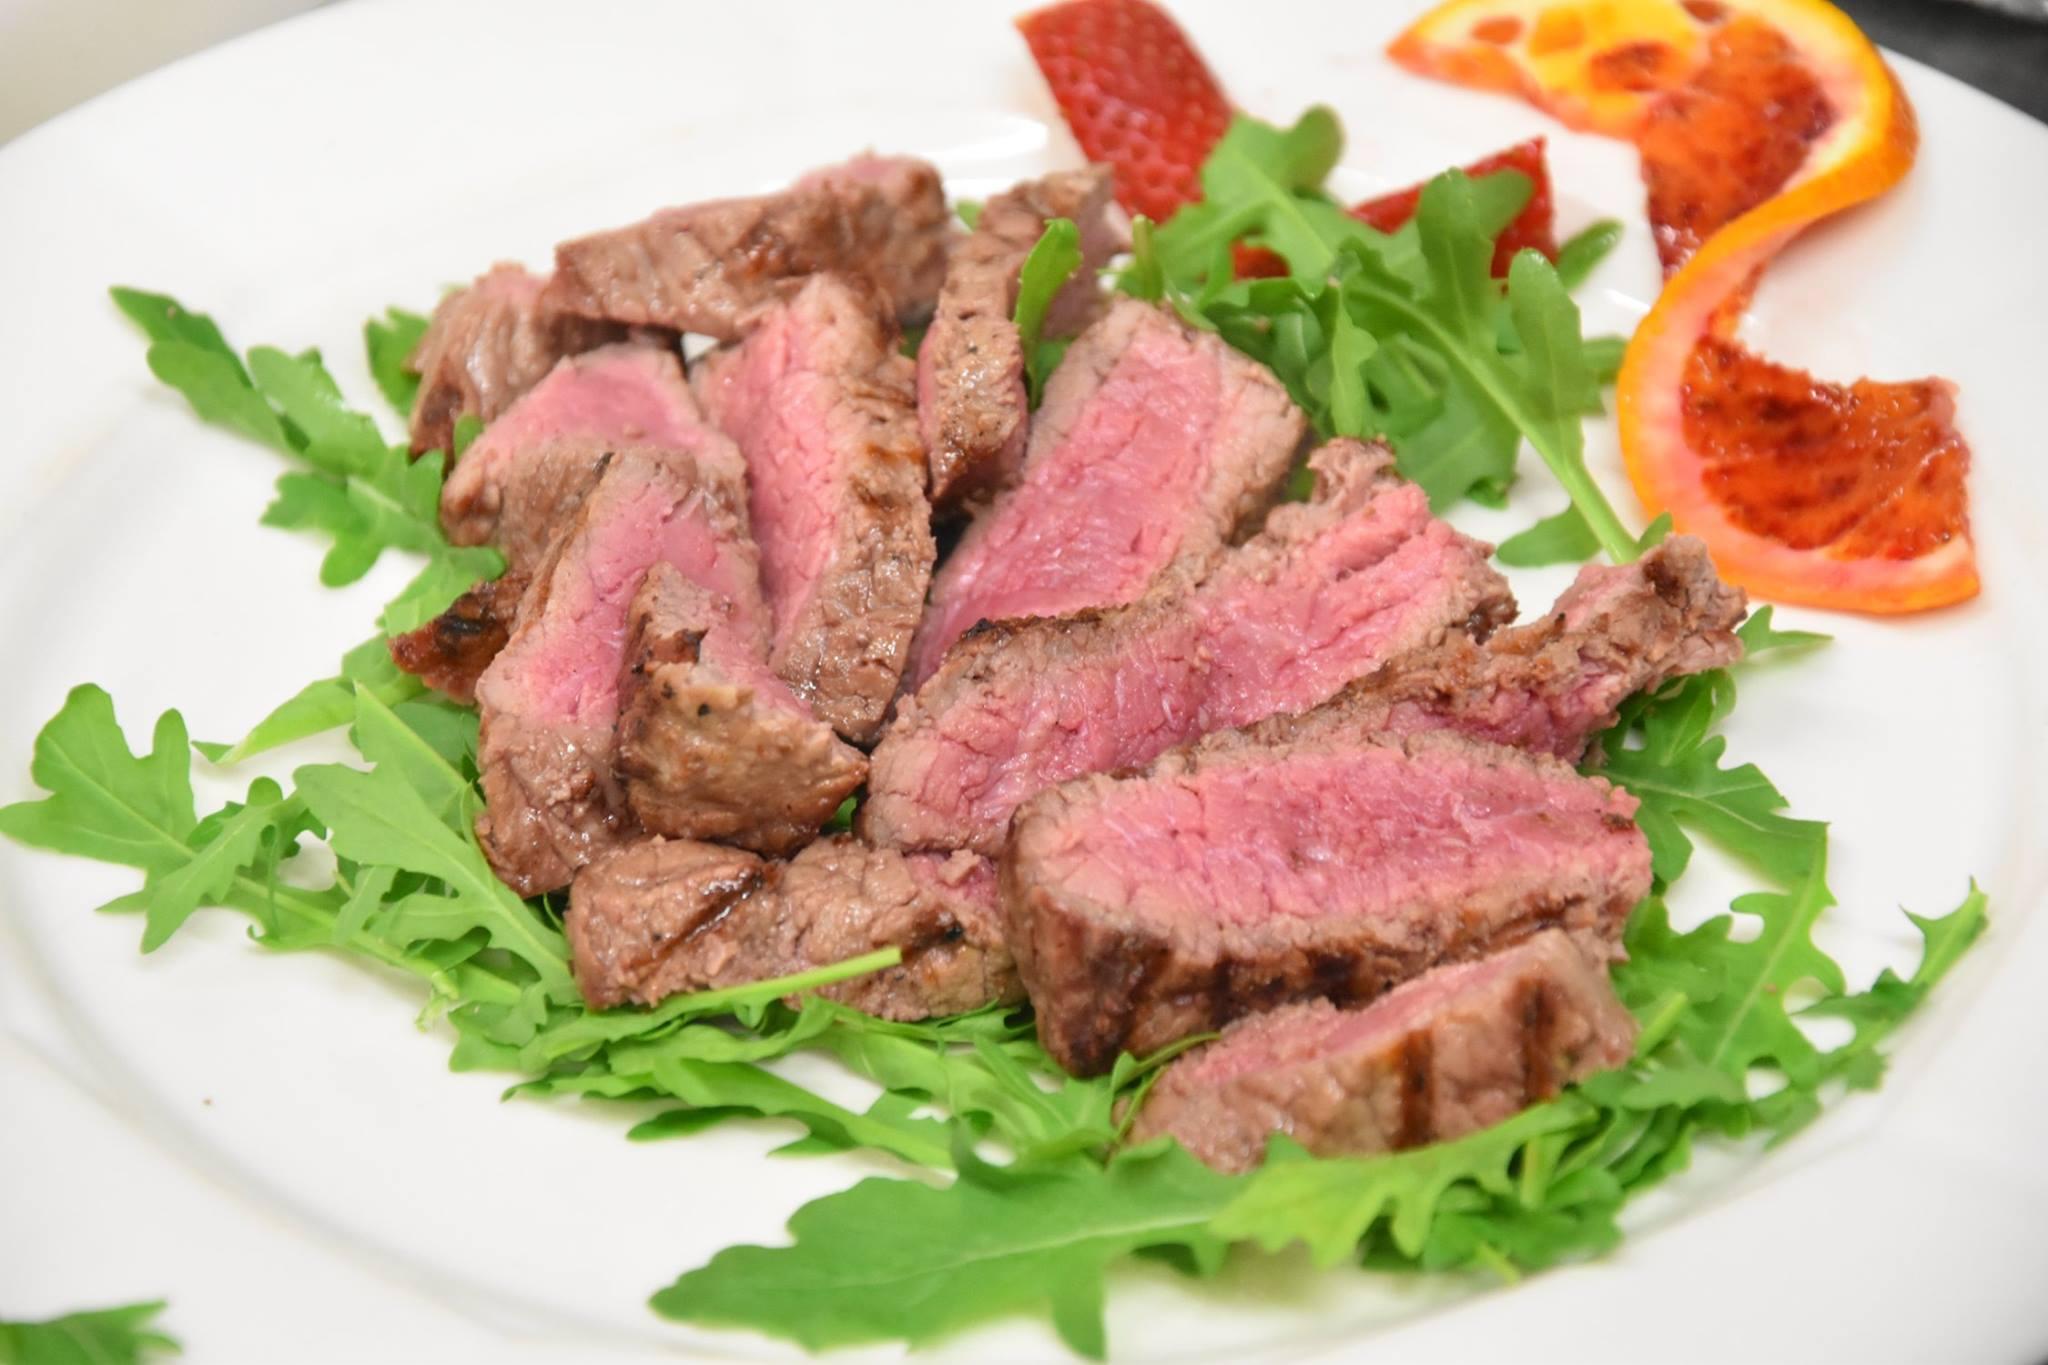 miglior Ristorante di carne a Rovigo